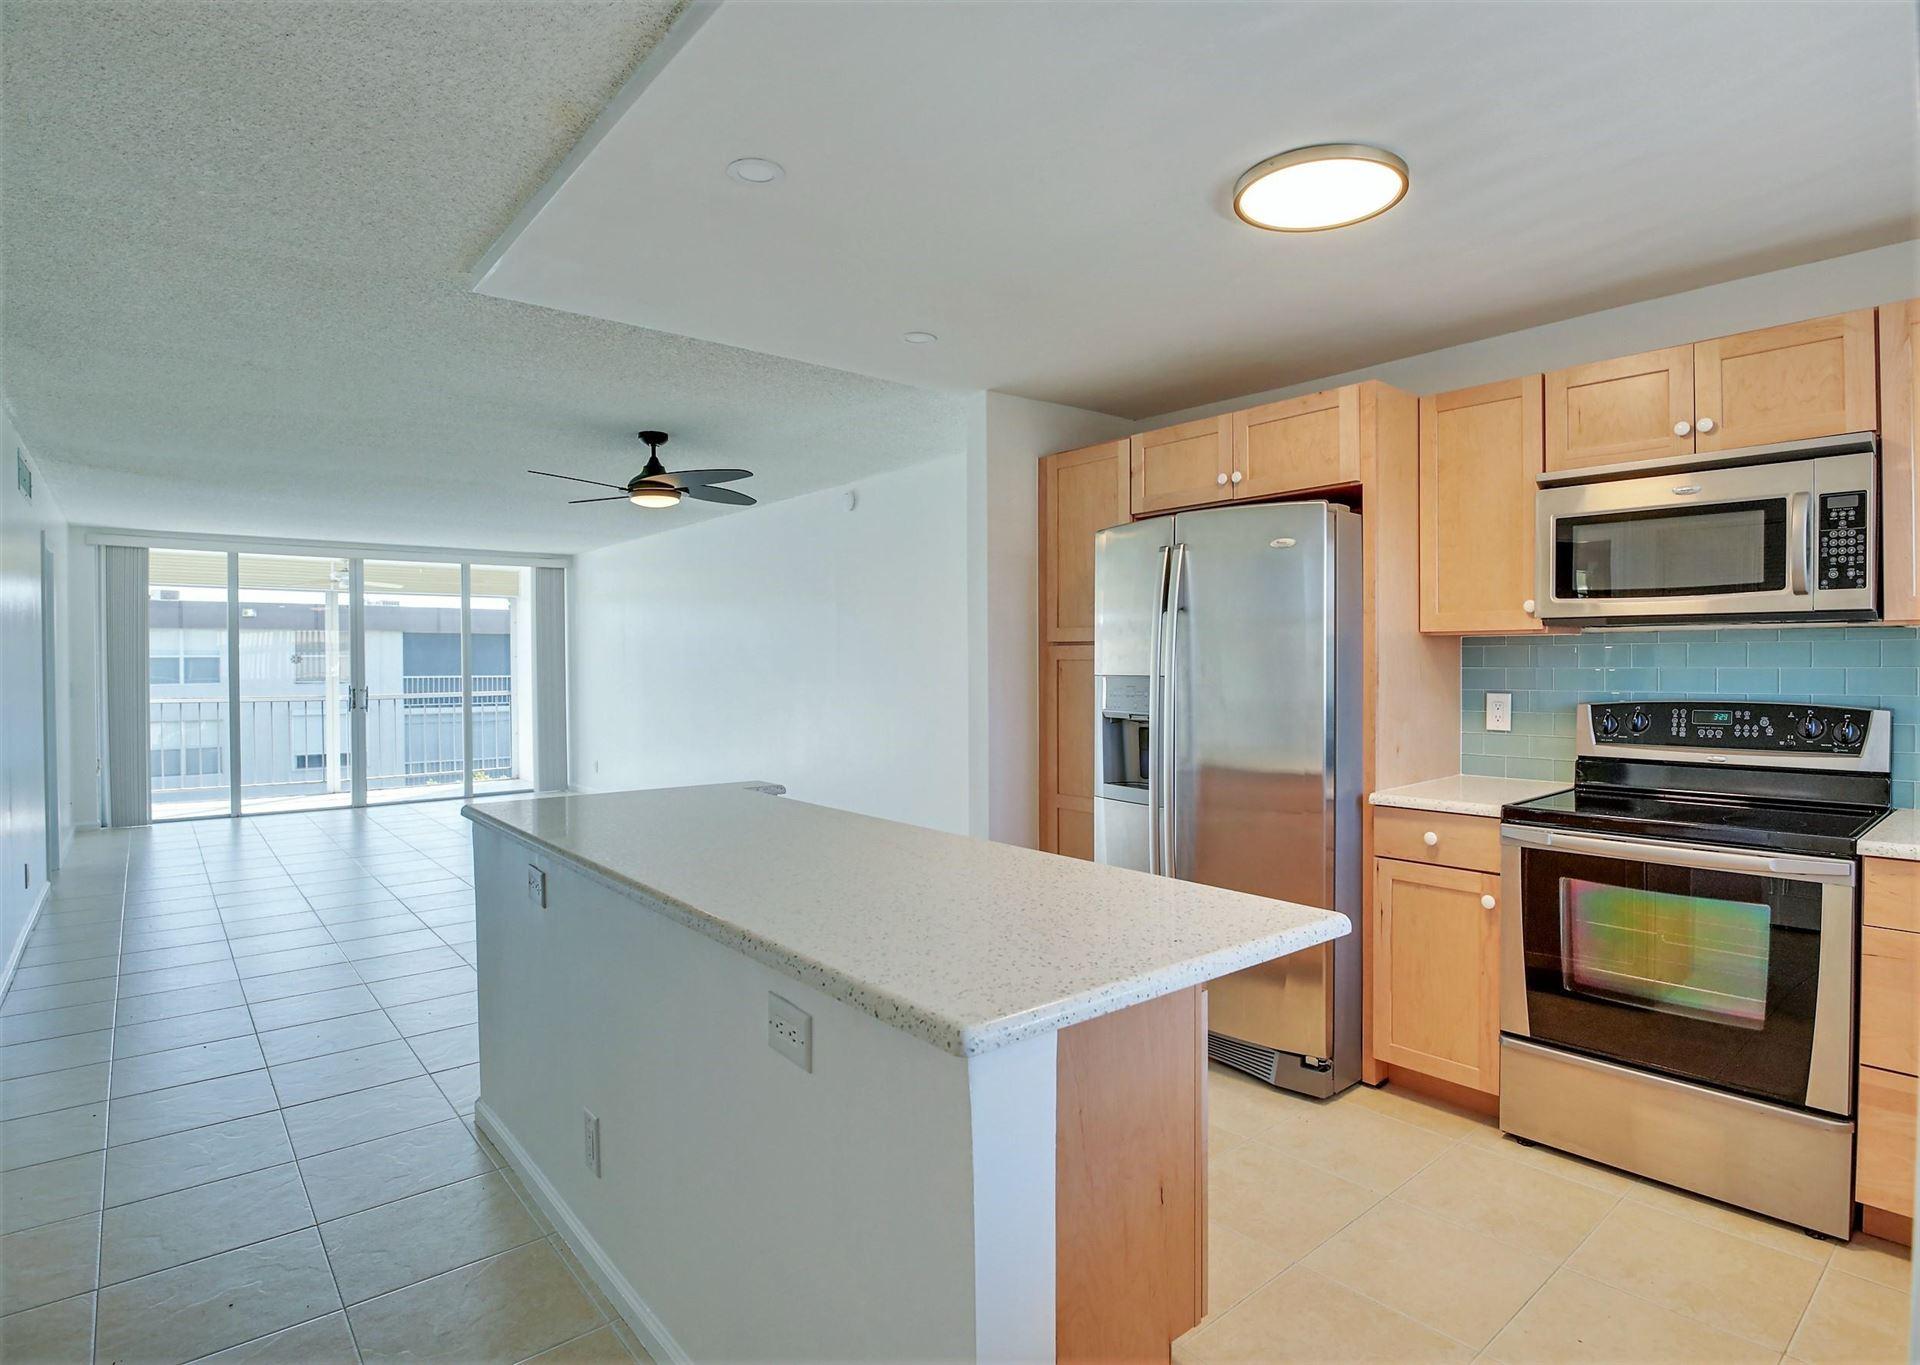 2012 S Federal Highway #407, Boynton Beach, FL 33435 - #: RX-10624508